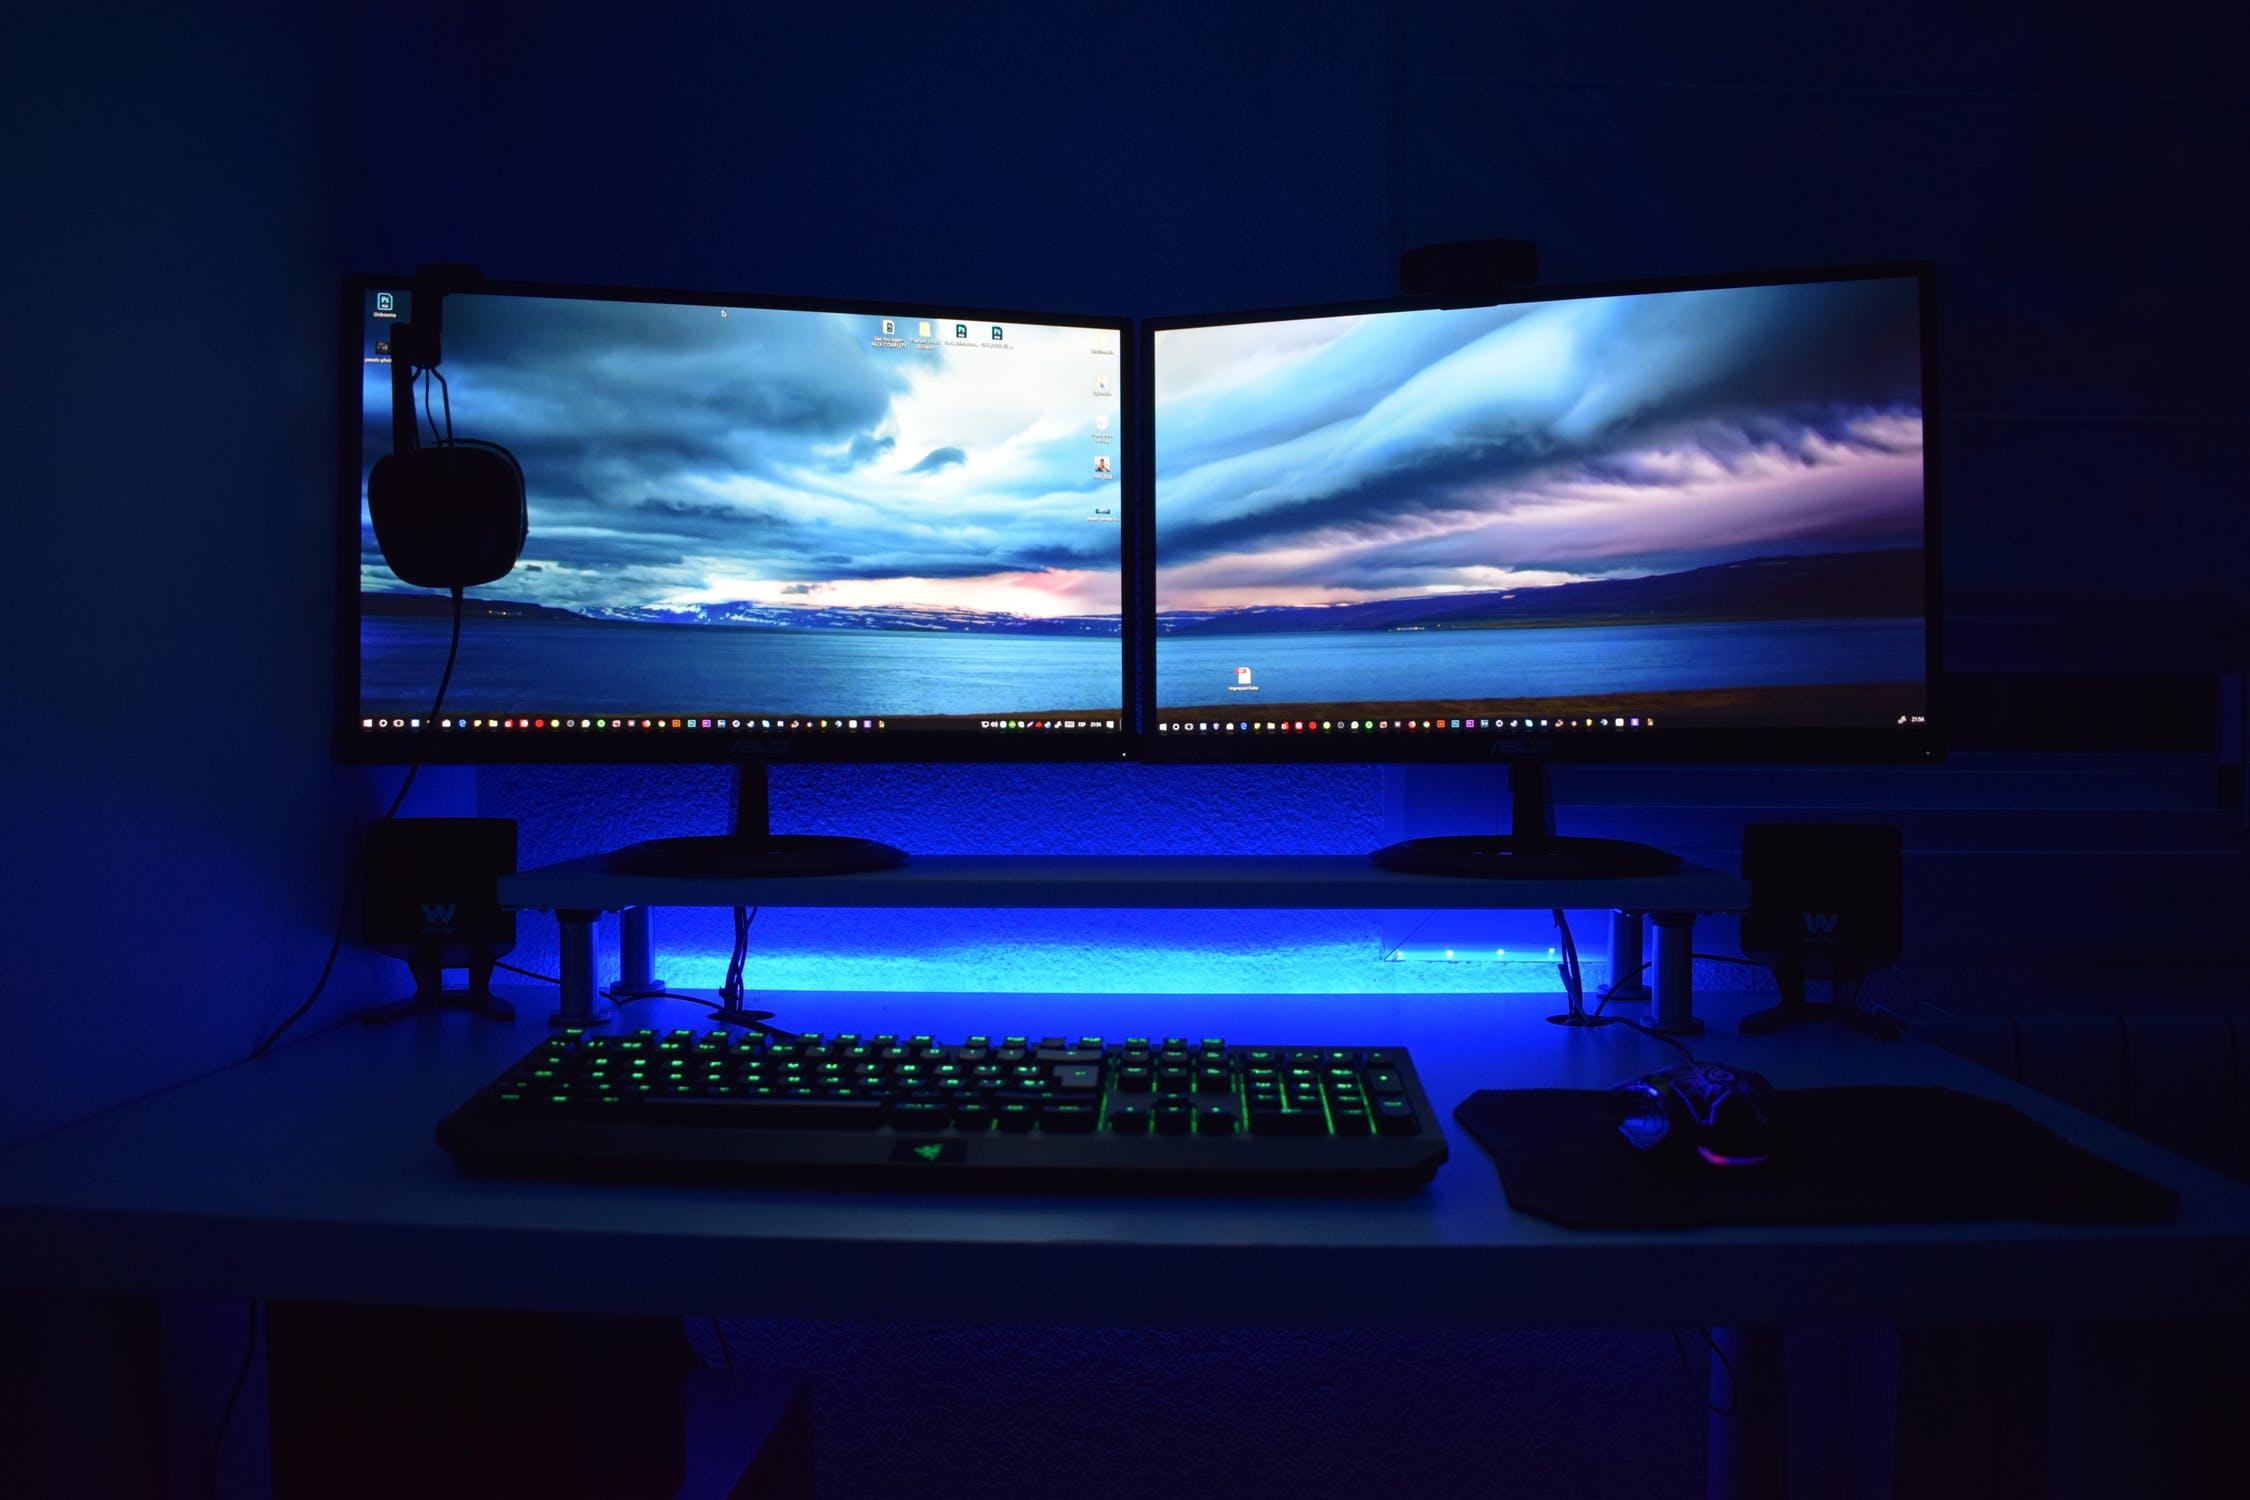 Guia de PC Gamer: Configuração de PC Baixo Custo para Jogos 2018